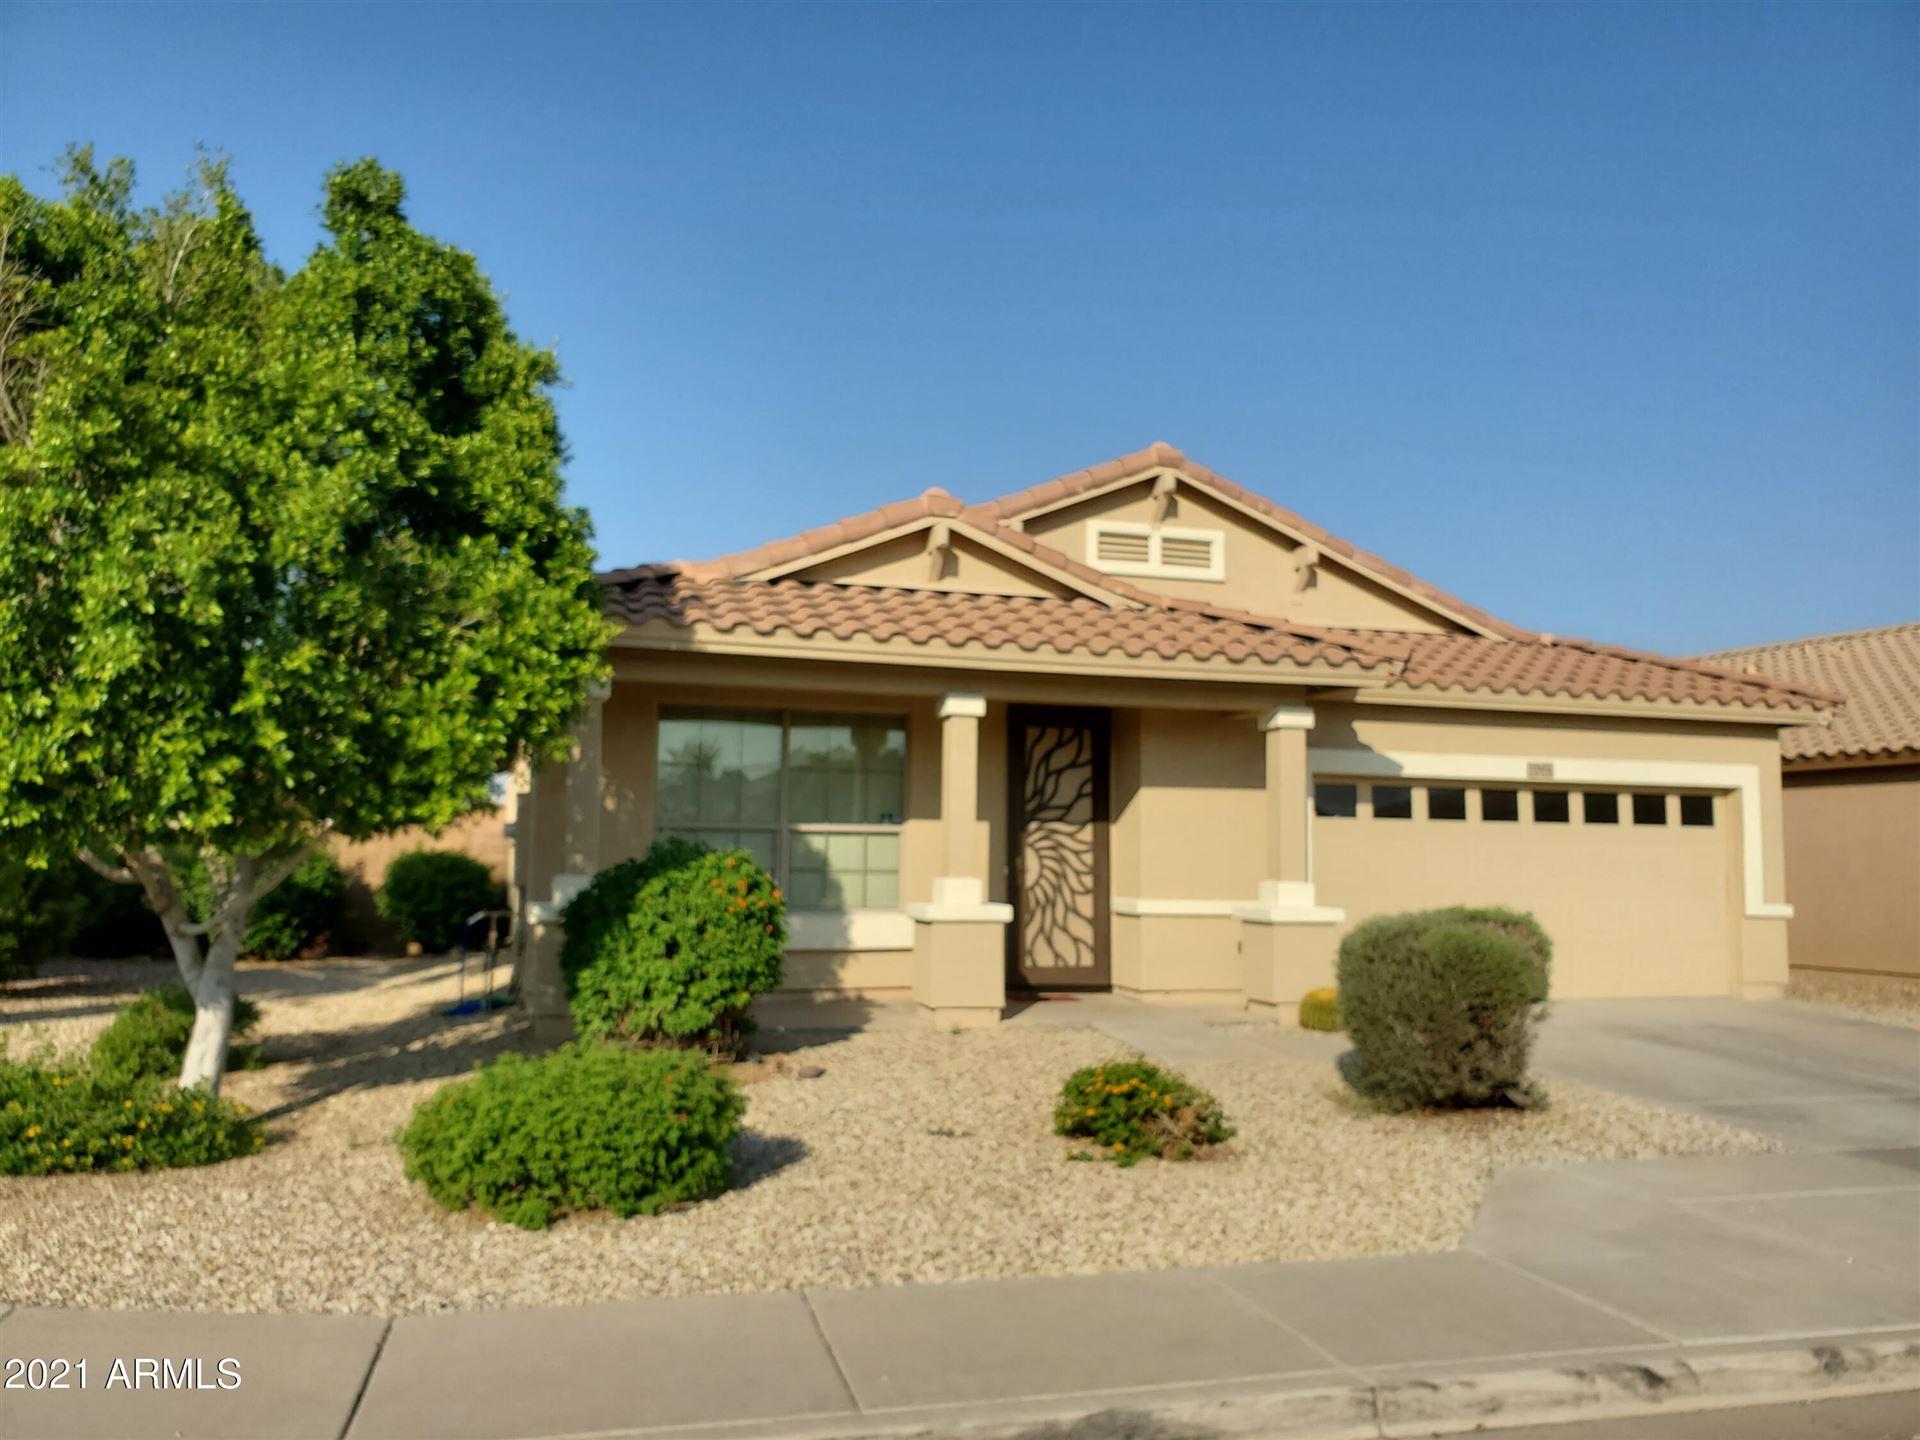 7004 S 30th Lane, Phoenix, AZ 85041 - MLS#: 6296072